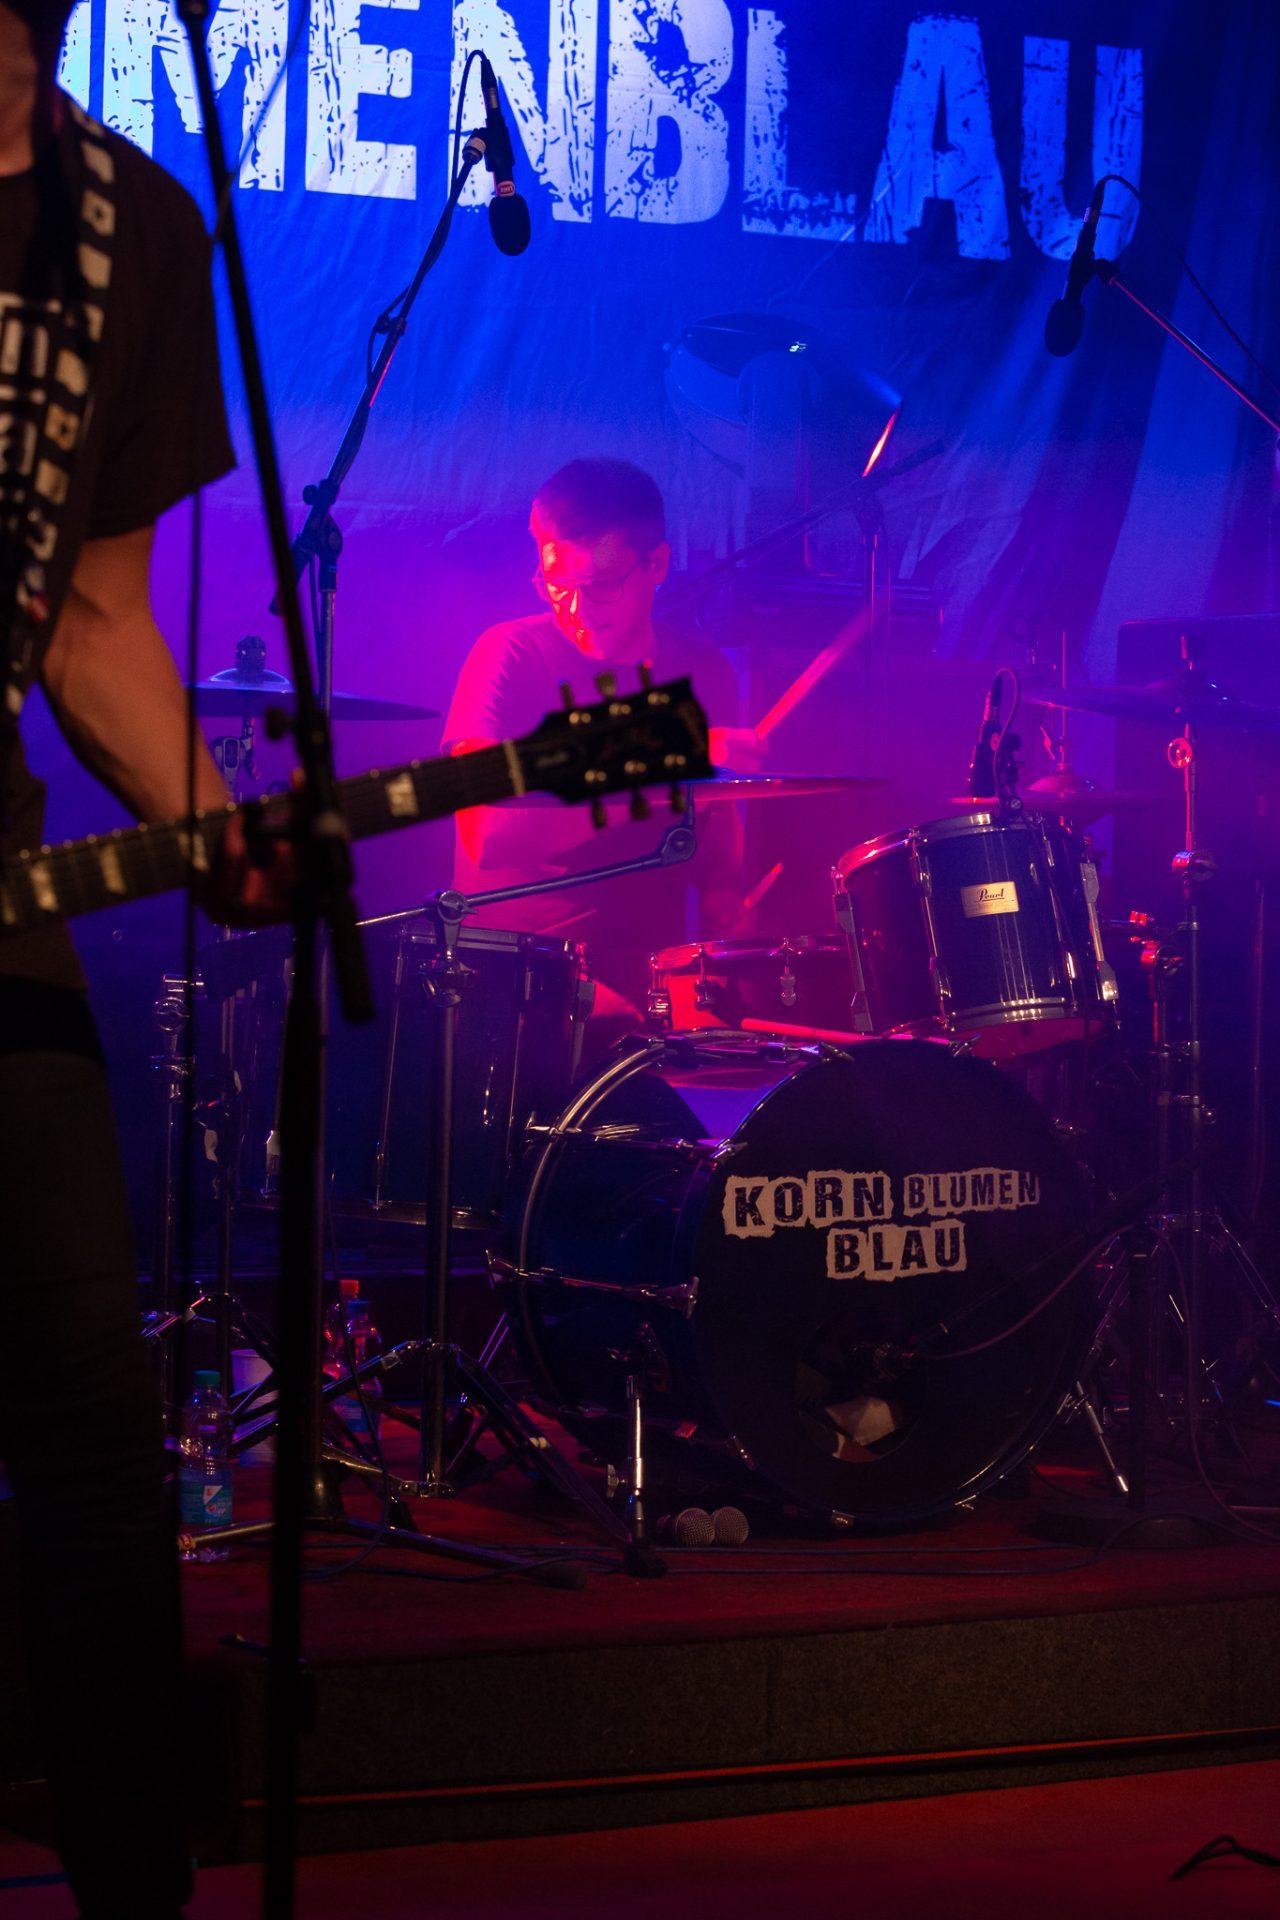 Kornblumenblau - Drummer